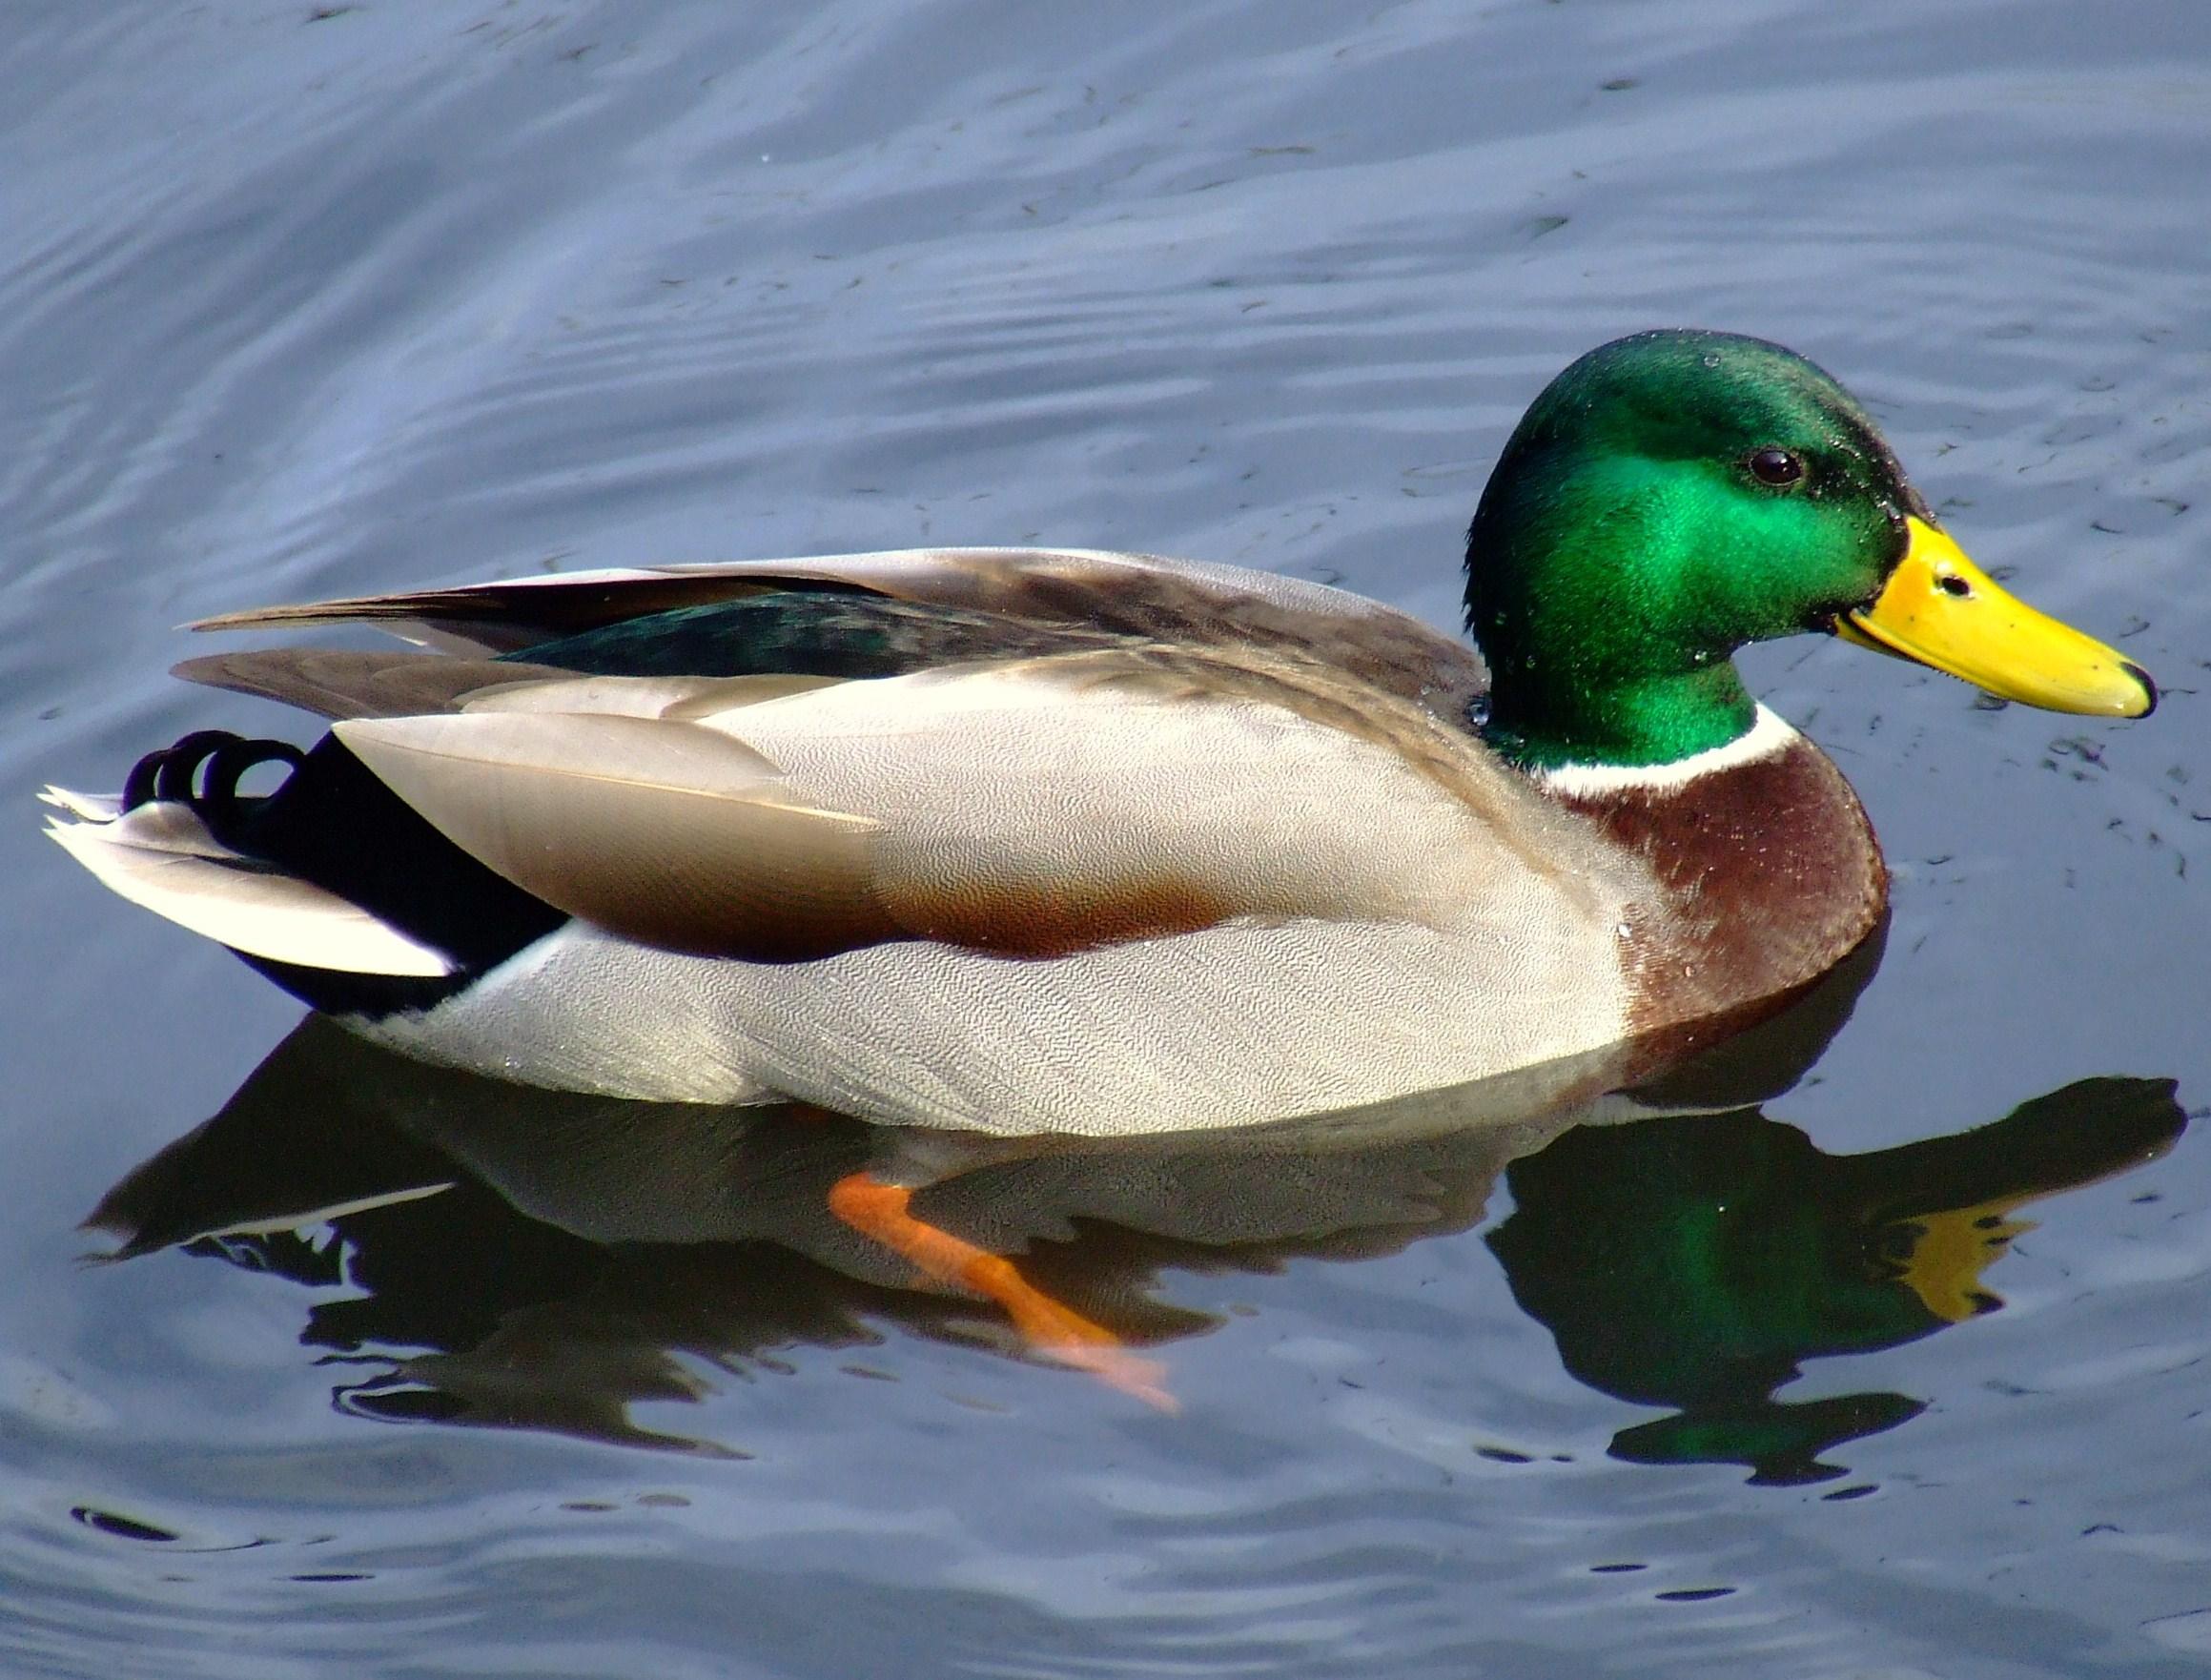 ... Ente , schwimmt wie eine Ente, quakt wie eine Ente: Das ist eine Ente